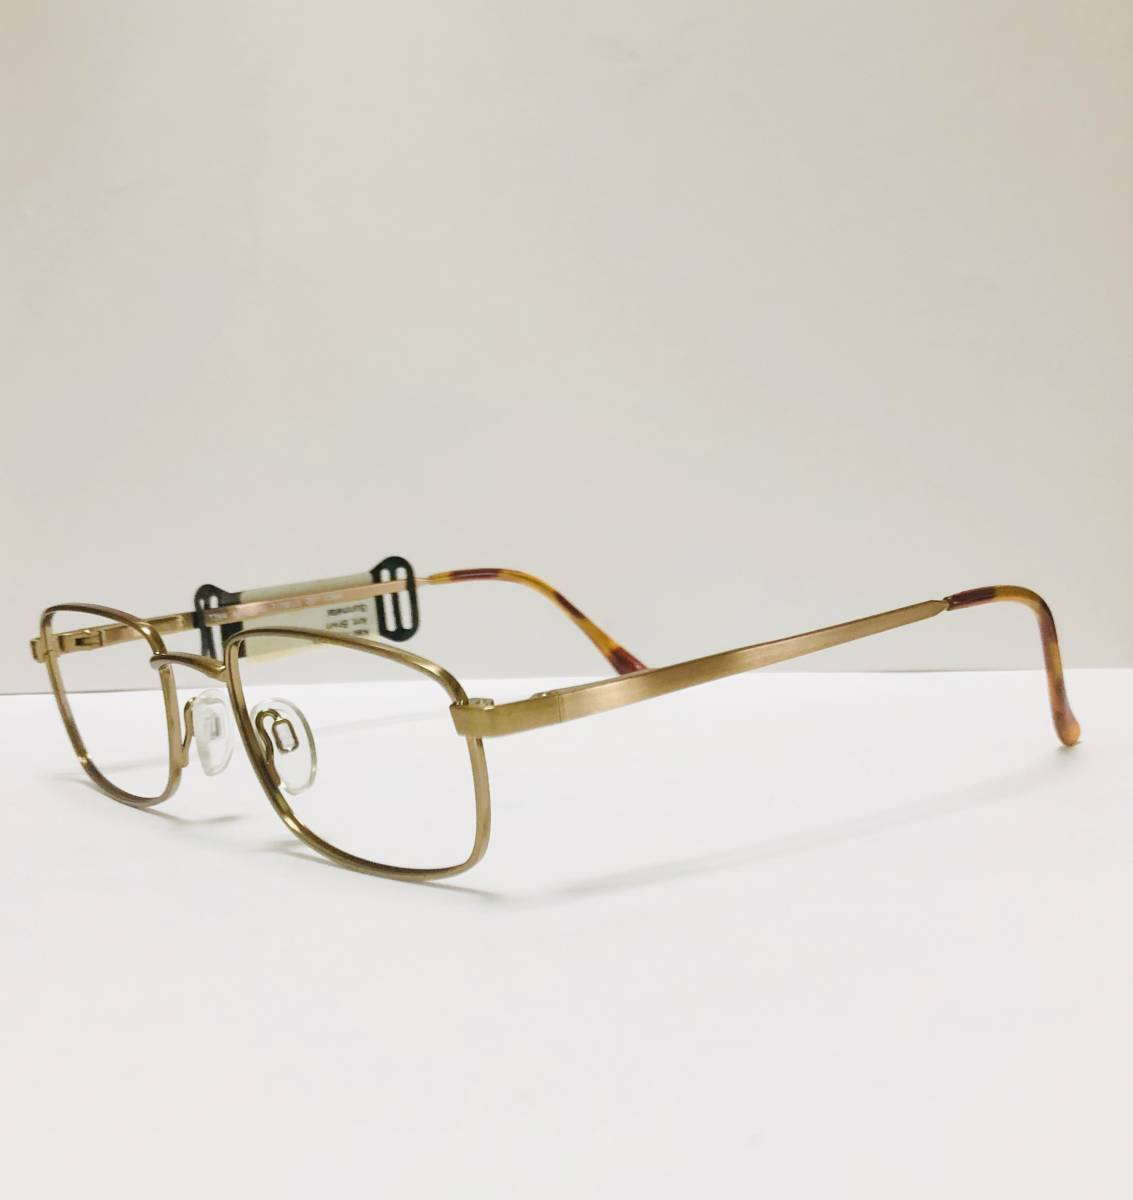 【1980年代・新品】 TITMUS 米国製 希少 鼈甲柄 タグ付き メガネ ビンテージ ヴィンテージ_画像3